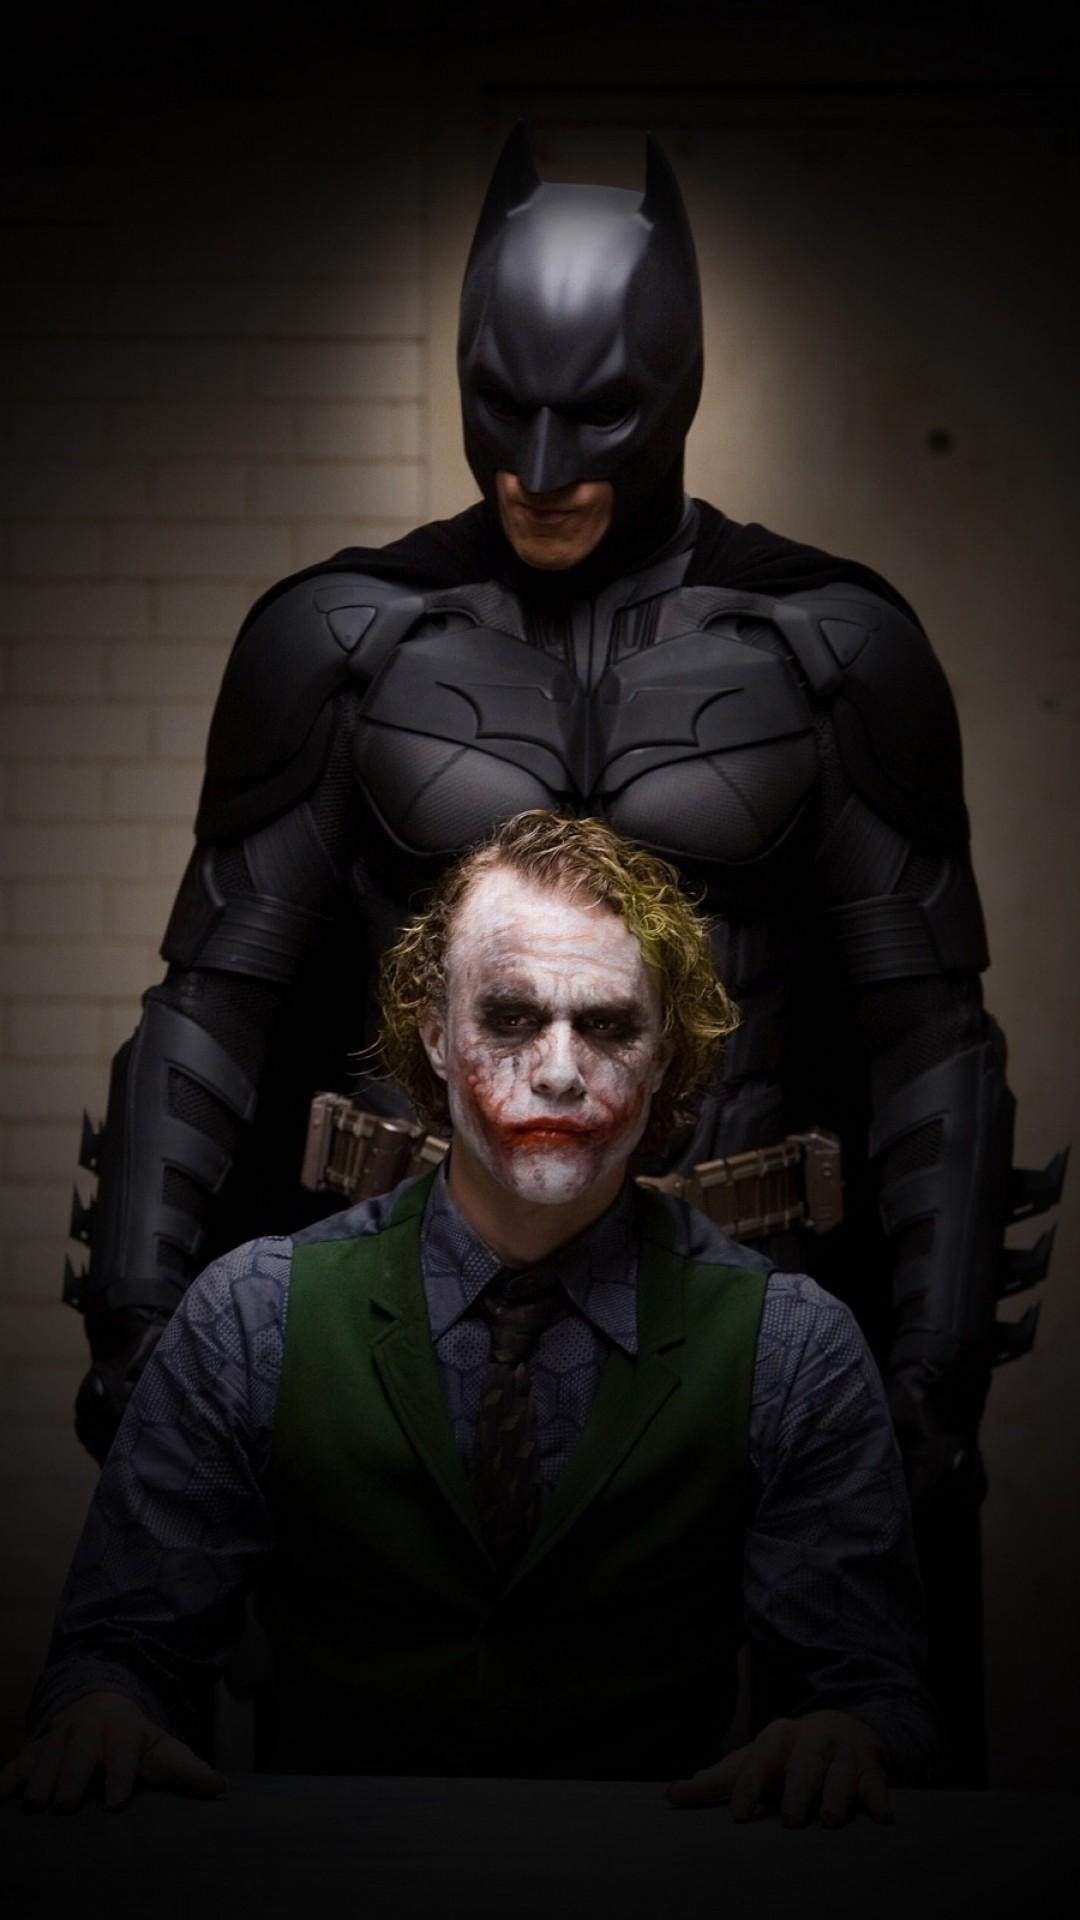 Joker And Batman Hd Wallpaper For Iphone Wallpaper - Batman Joker Iphone 6 , HD Wallpaper & Backgrounds